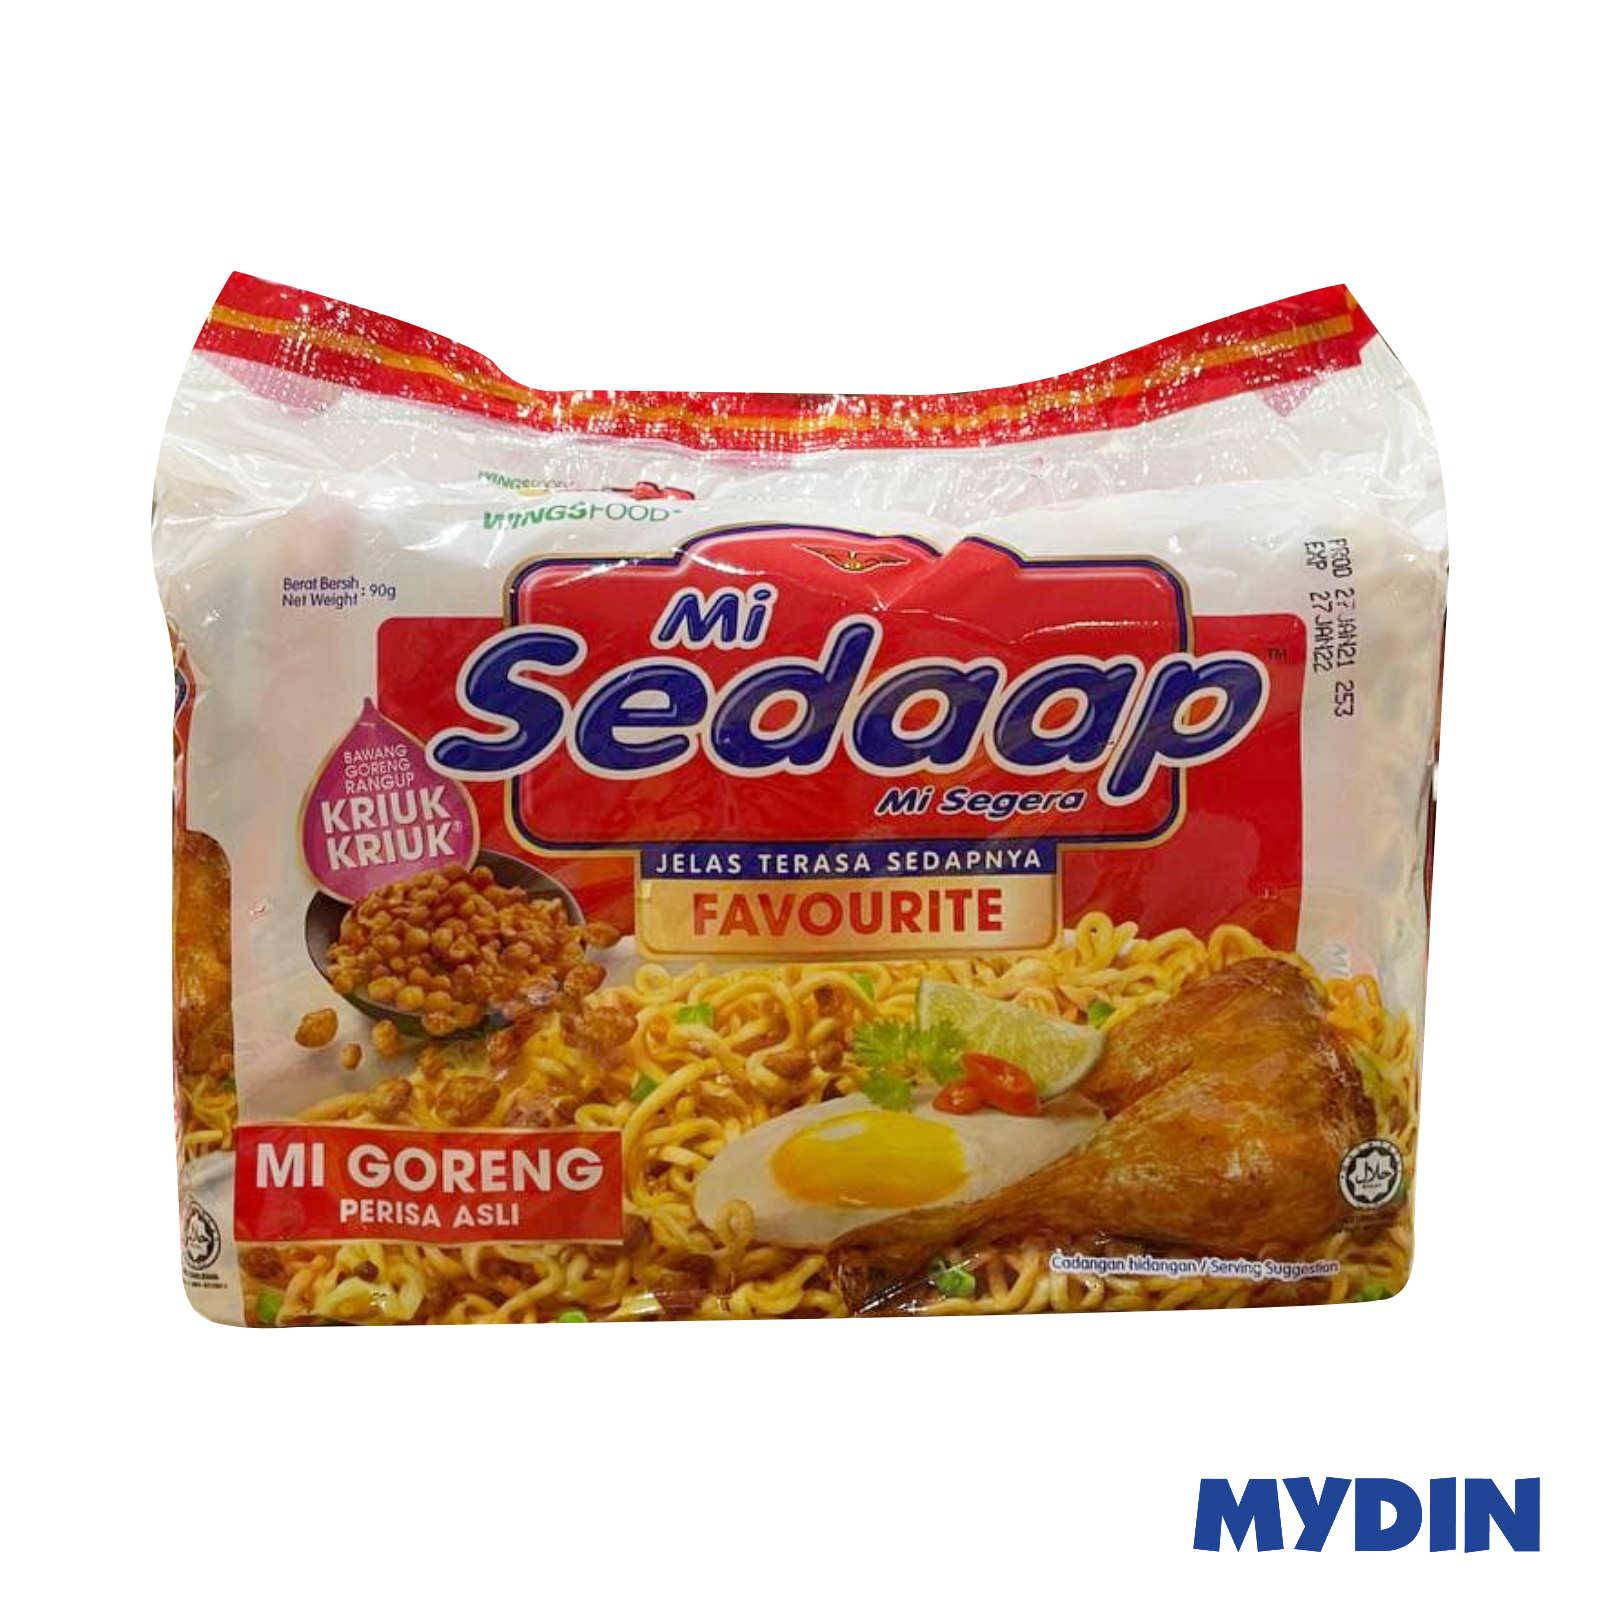 Mi Sedaap Fried Noodle - Original Flavour (5 x 91g)